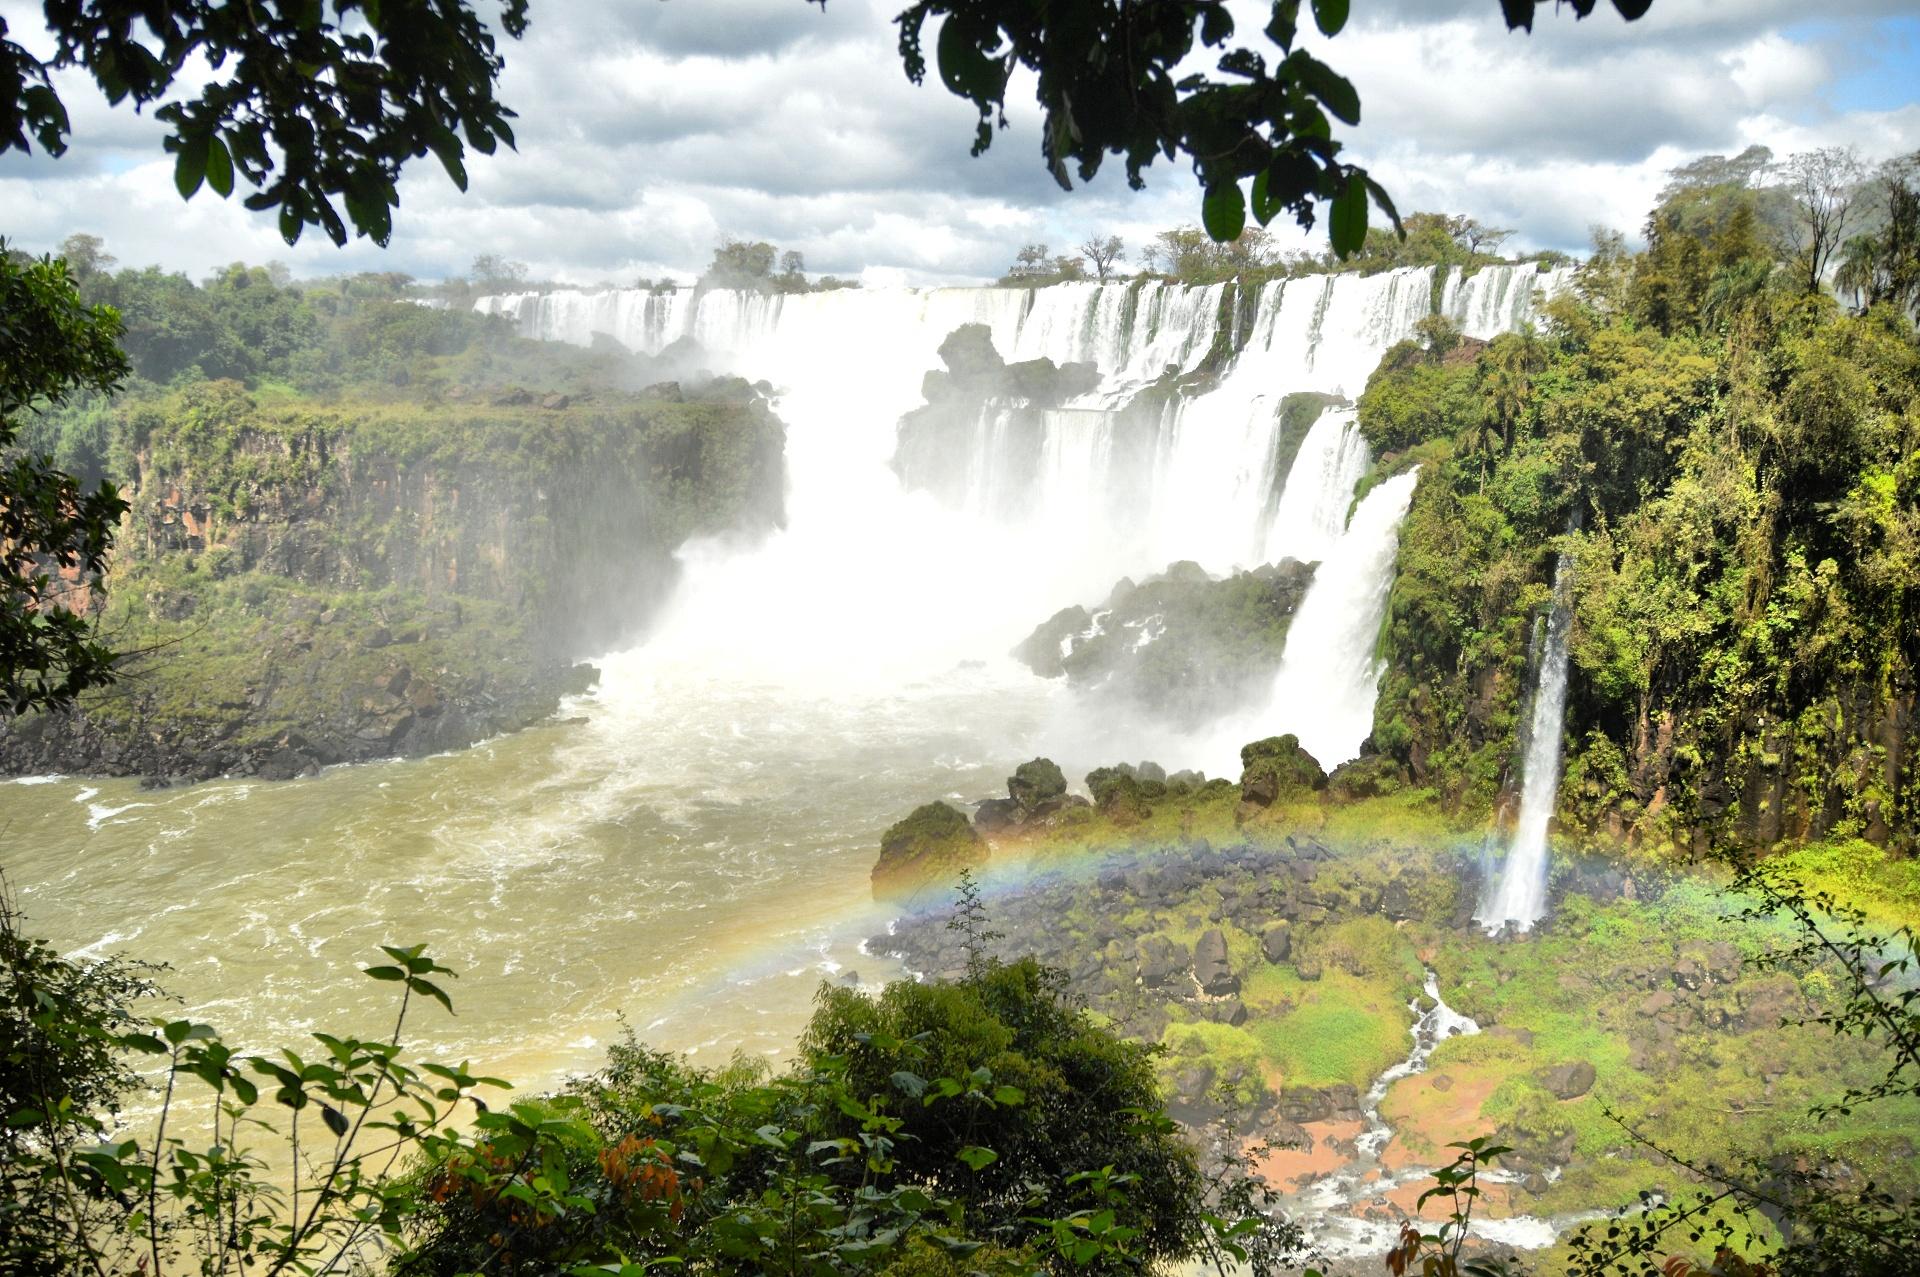 Cataratas do Iguaçu, lado argentino, Puerto Iguazu - Argentina, by Luciana de Paula, 2016